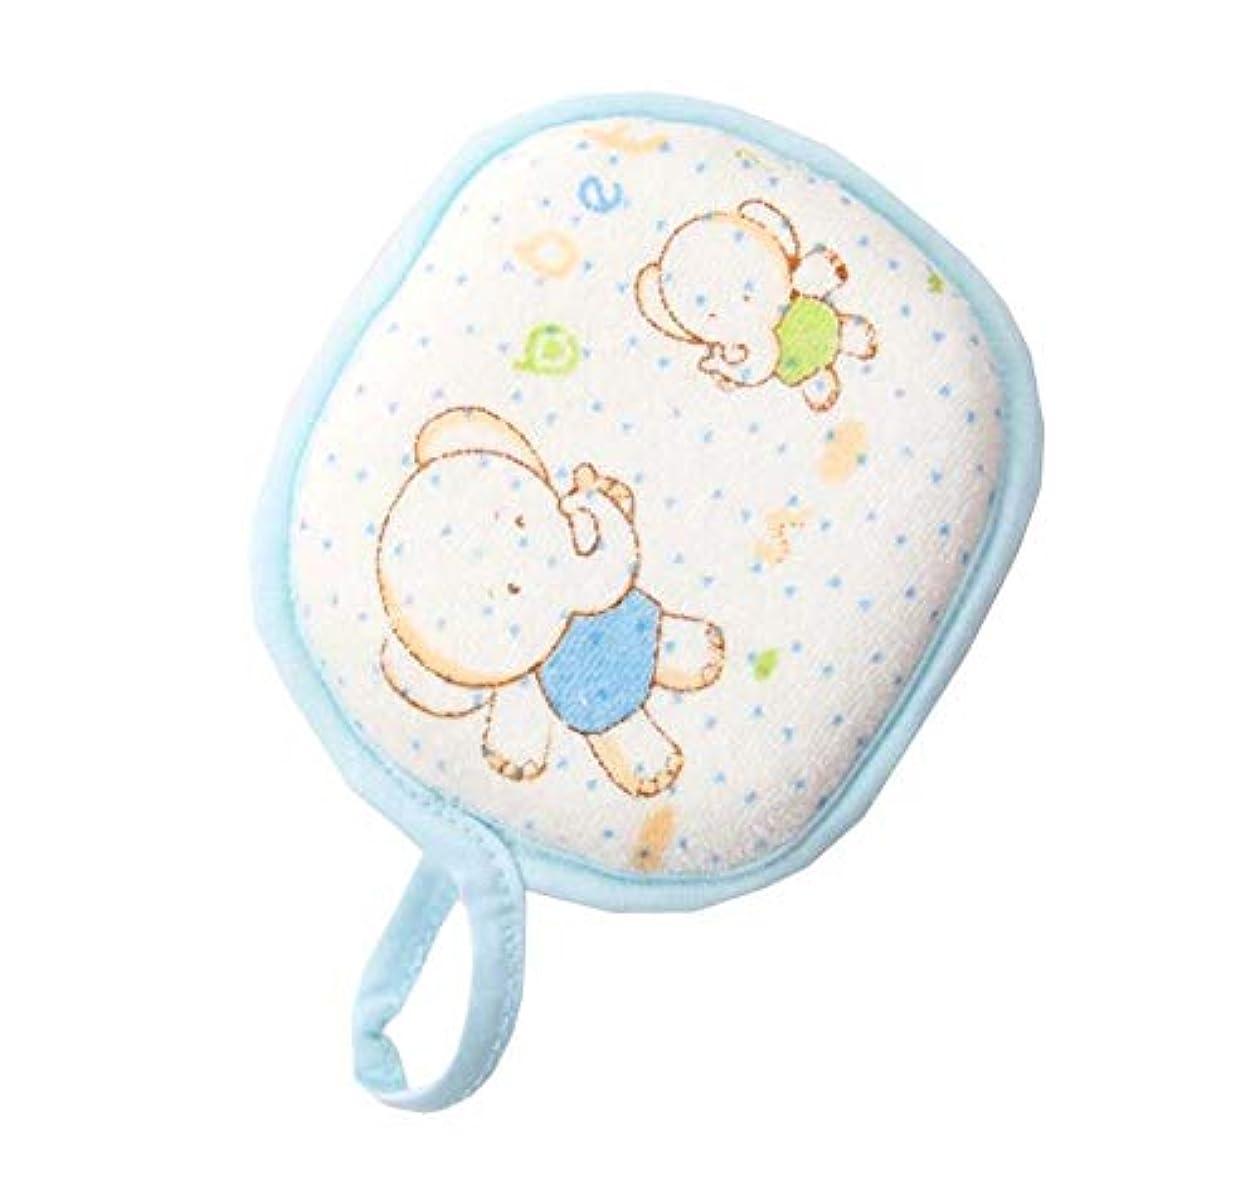 最小小切手肥満赤ちゃんの柔らかい肌のフルーツの形に適した赤ちゃんのバススポンジ